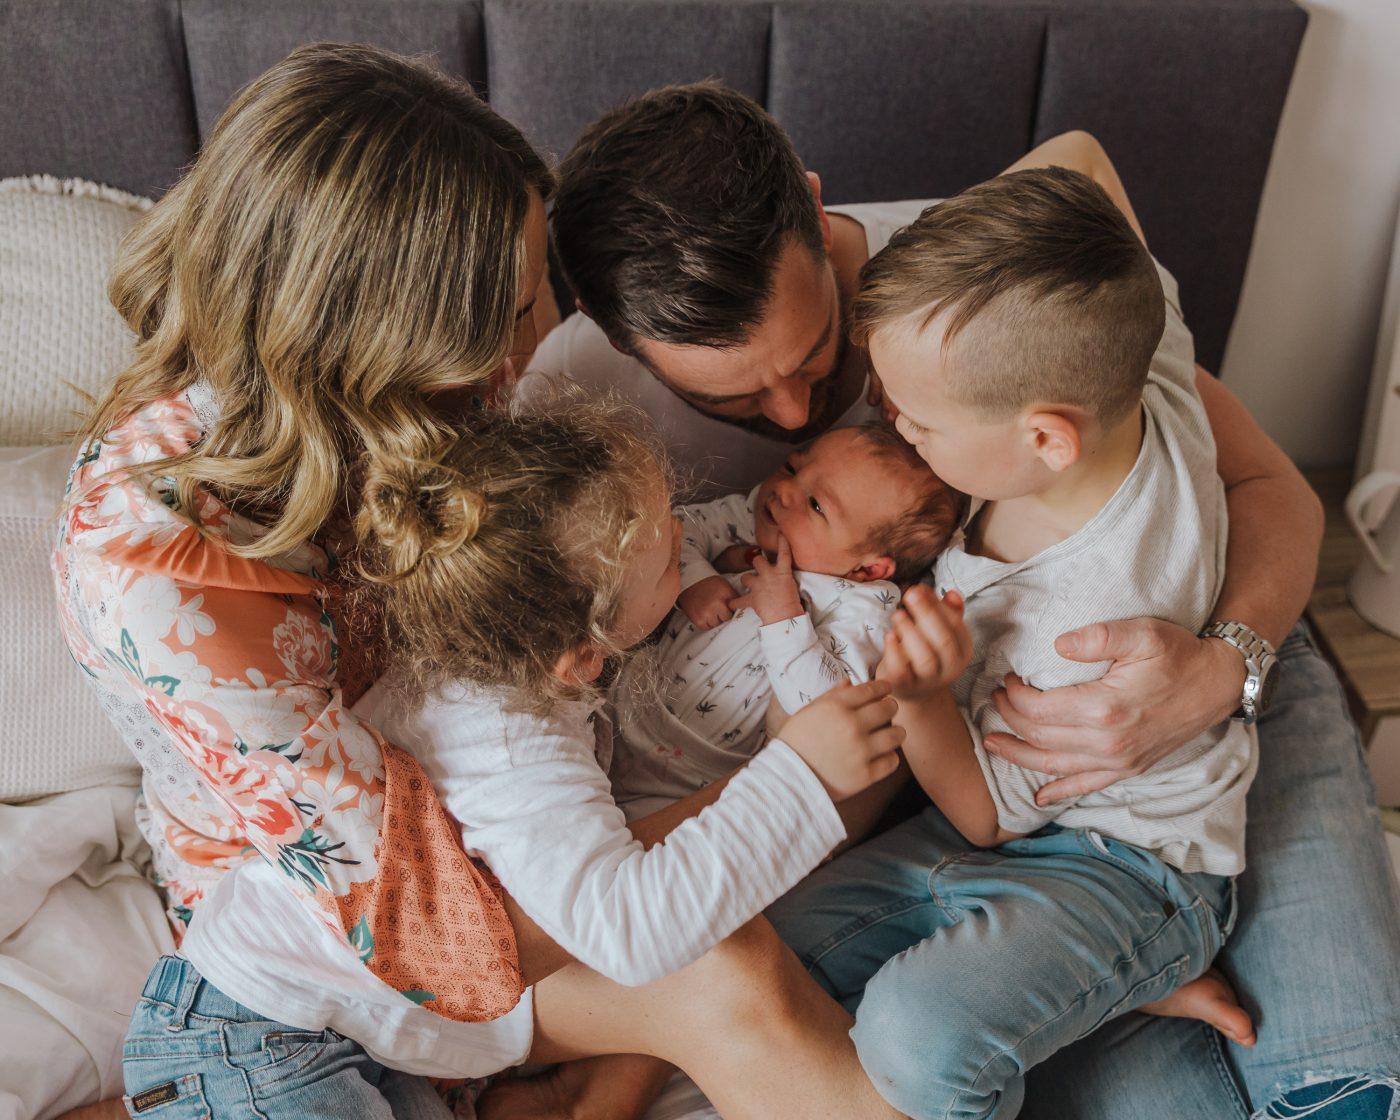 Photoshoot-Families-KimberFamily